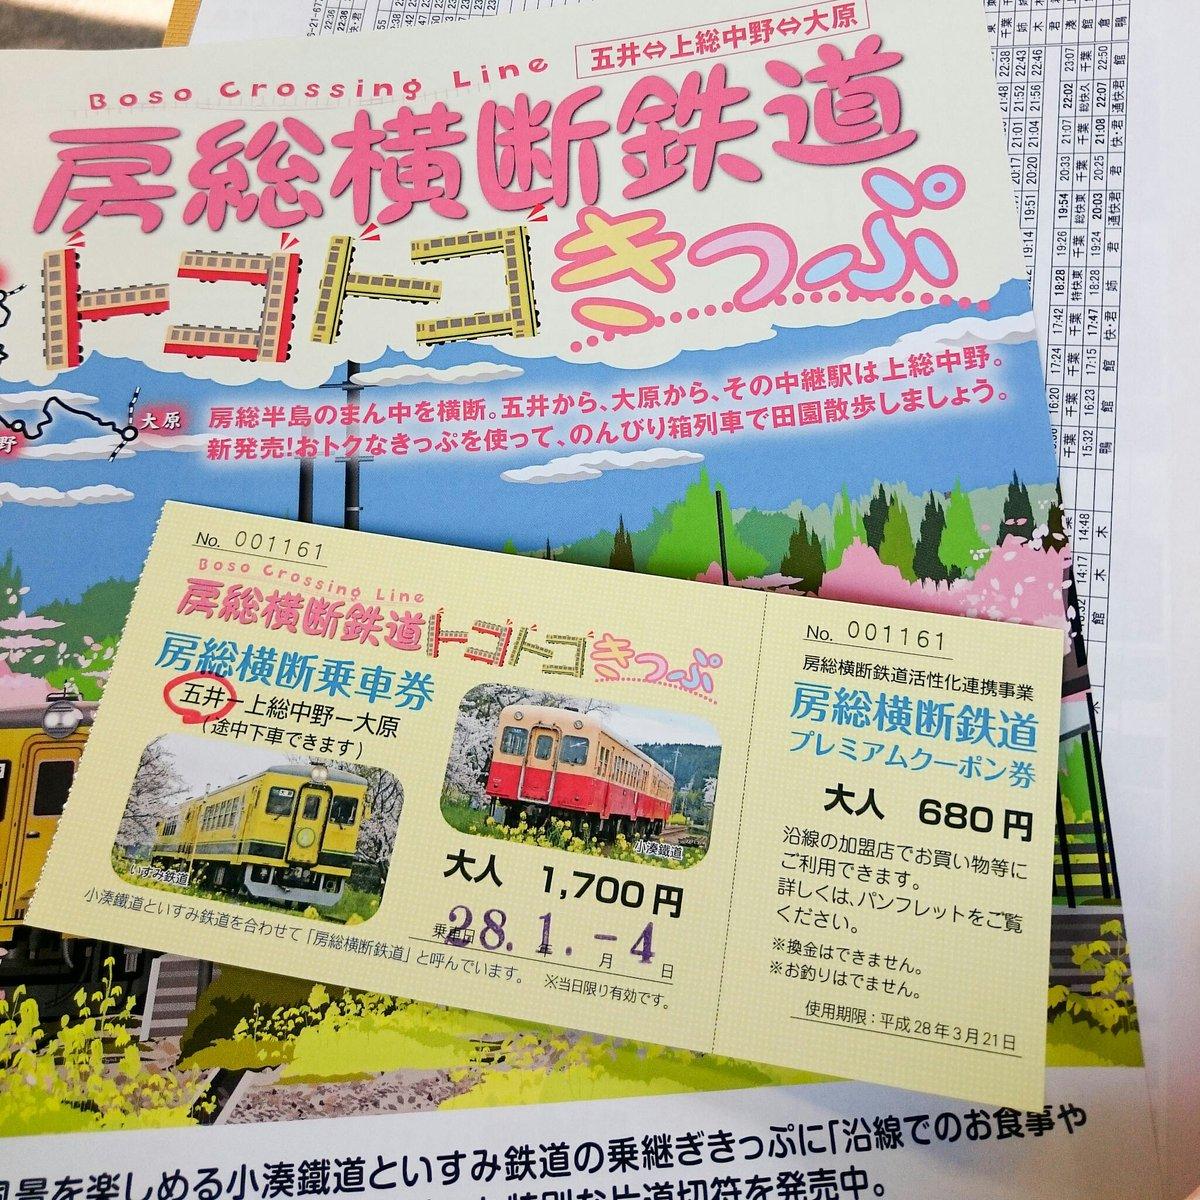 小湊鉄道といすみ鉄道の合計額より420円安いのに680円分の買い物(駅弁もOK)まで出来ちゃう、ヤバさあふれる切符 https://t.co/i3EtOZcekJ